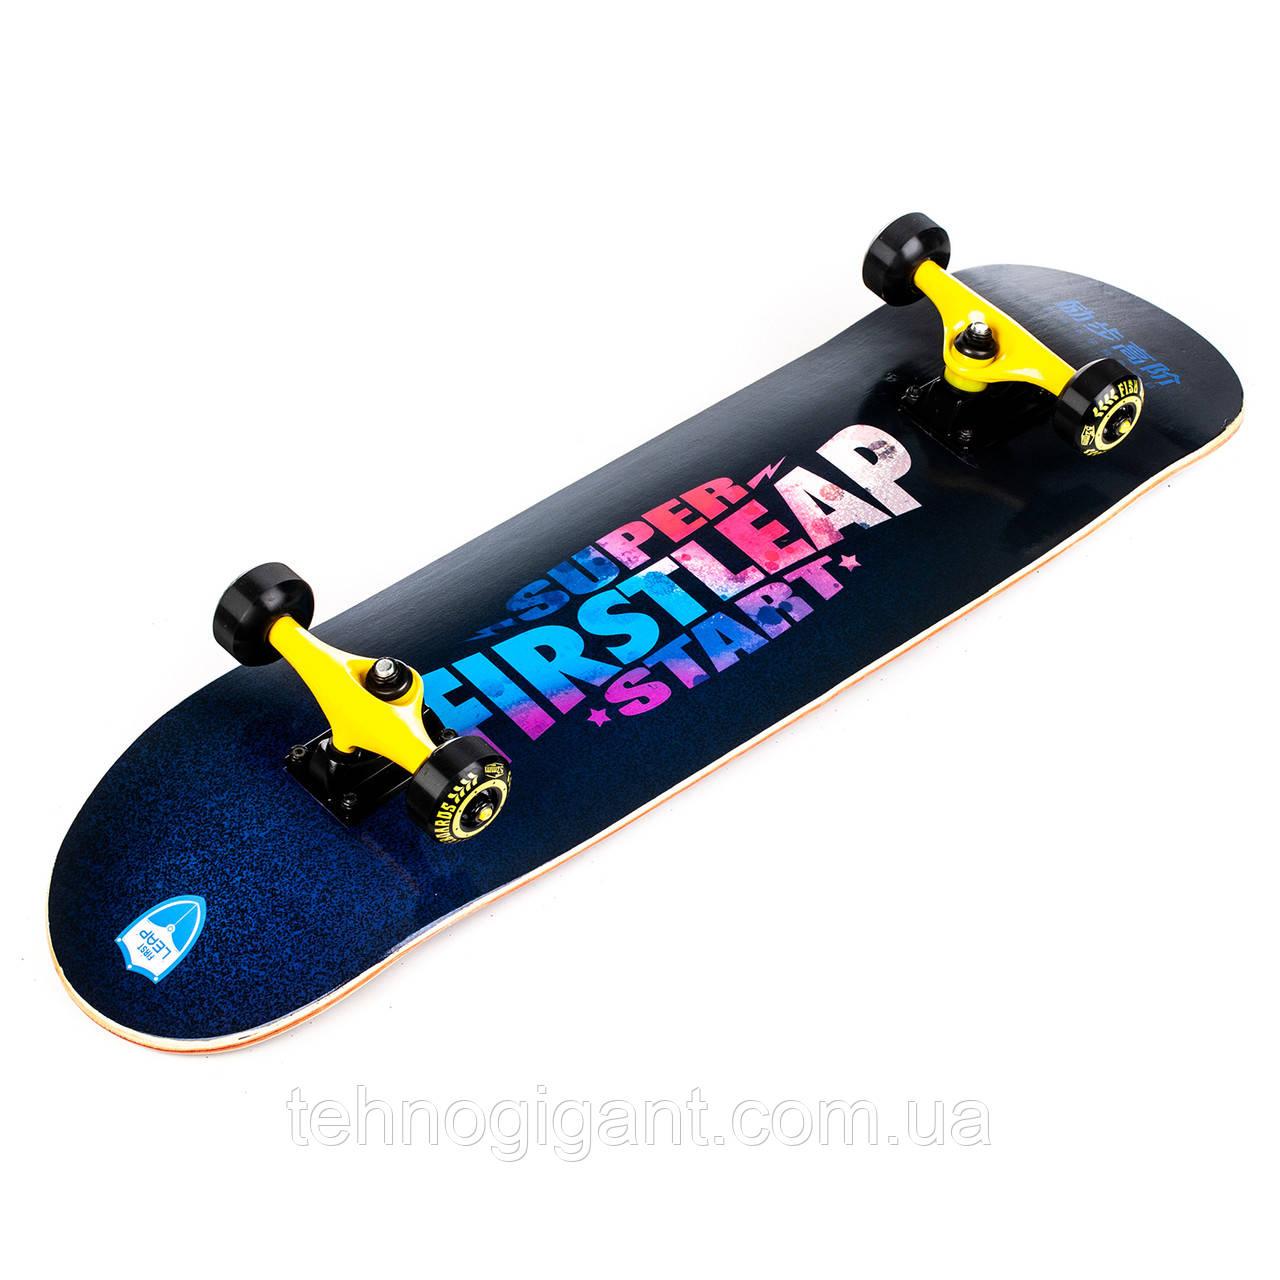 Скейт деревянный, Скейтборд, натуральный канадский клен, для трюков, Fish Skateboards Firstleap премиум!